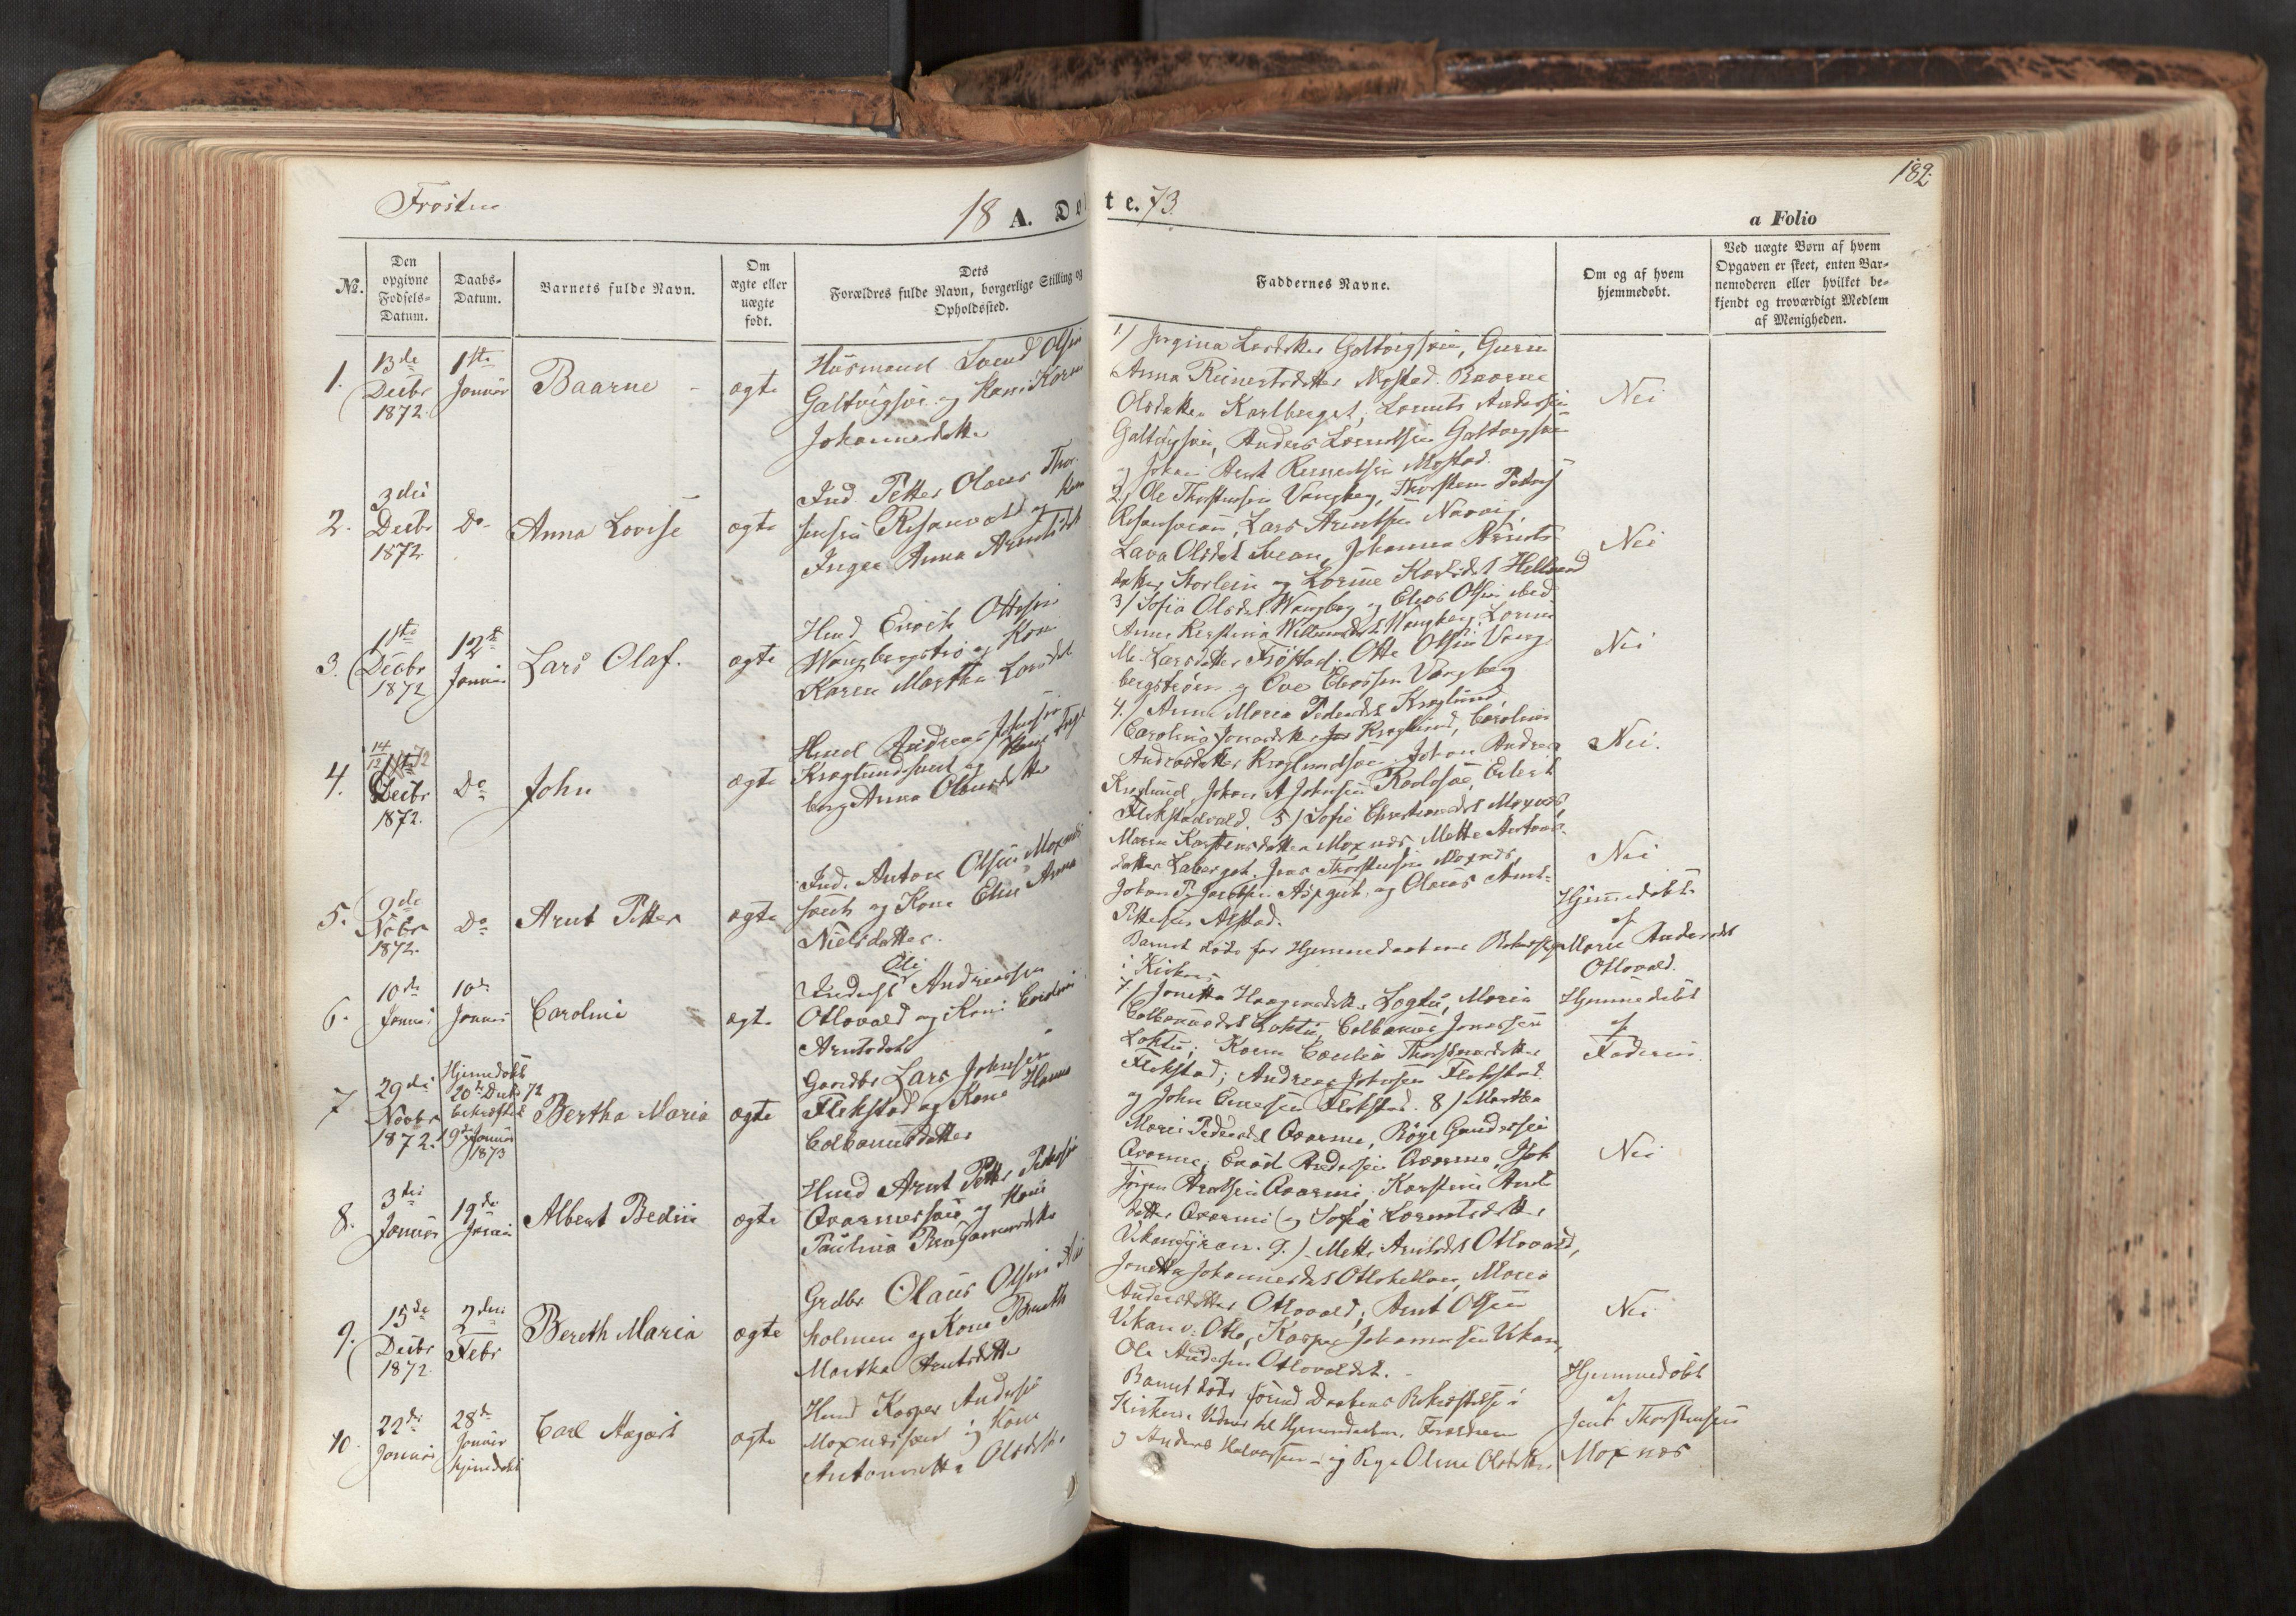 SAT, Ministerialprotokoller, klokkerbøker og fødselsregistre - Nord-Trøndelag, 713/L0116: Ministerialbok nr. 713A07, 1850-1877, s. 182